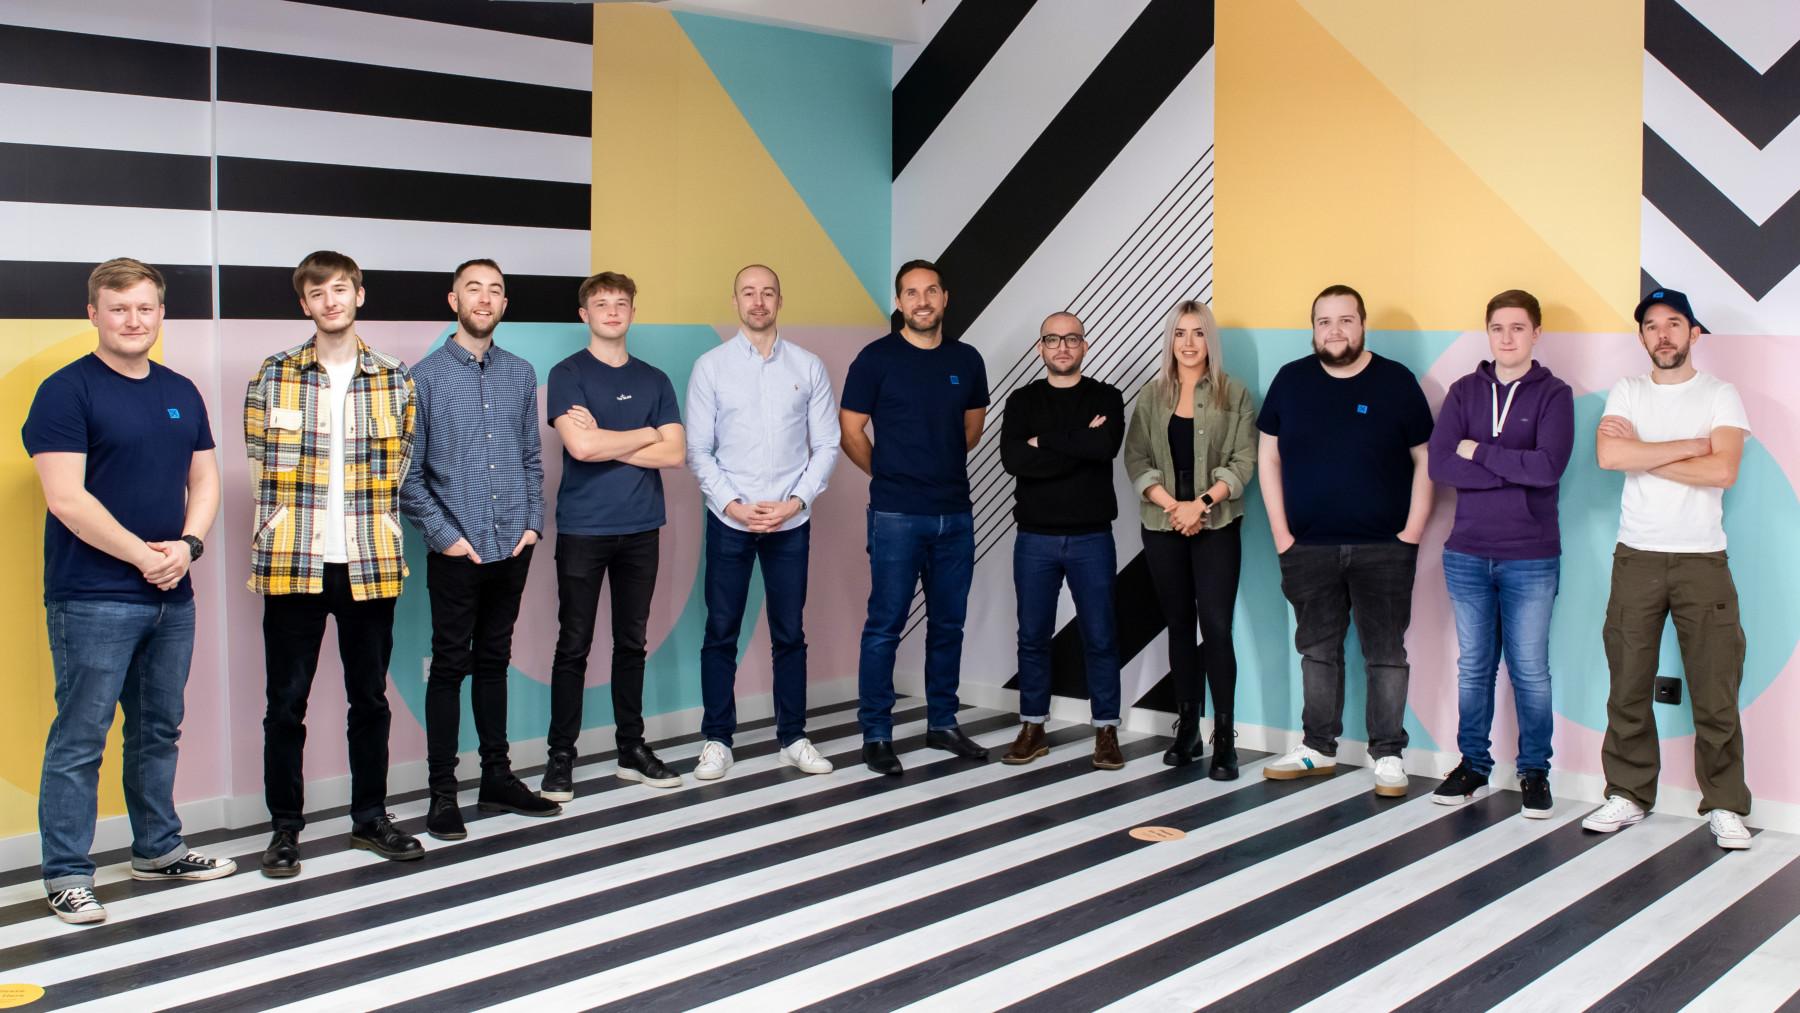 The Pixel Kicks Digital Agency Team | 2021